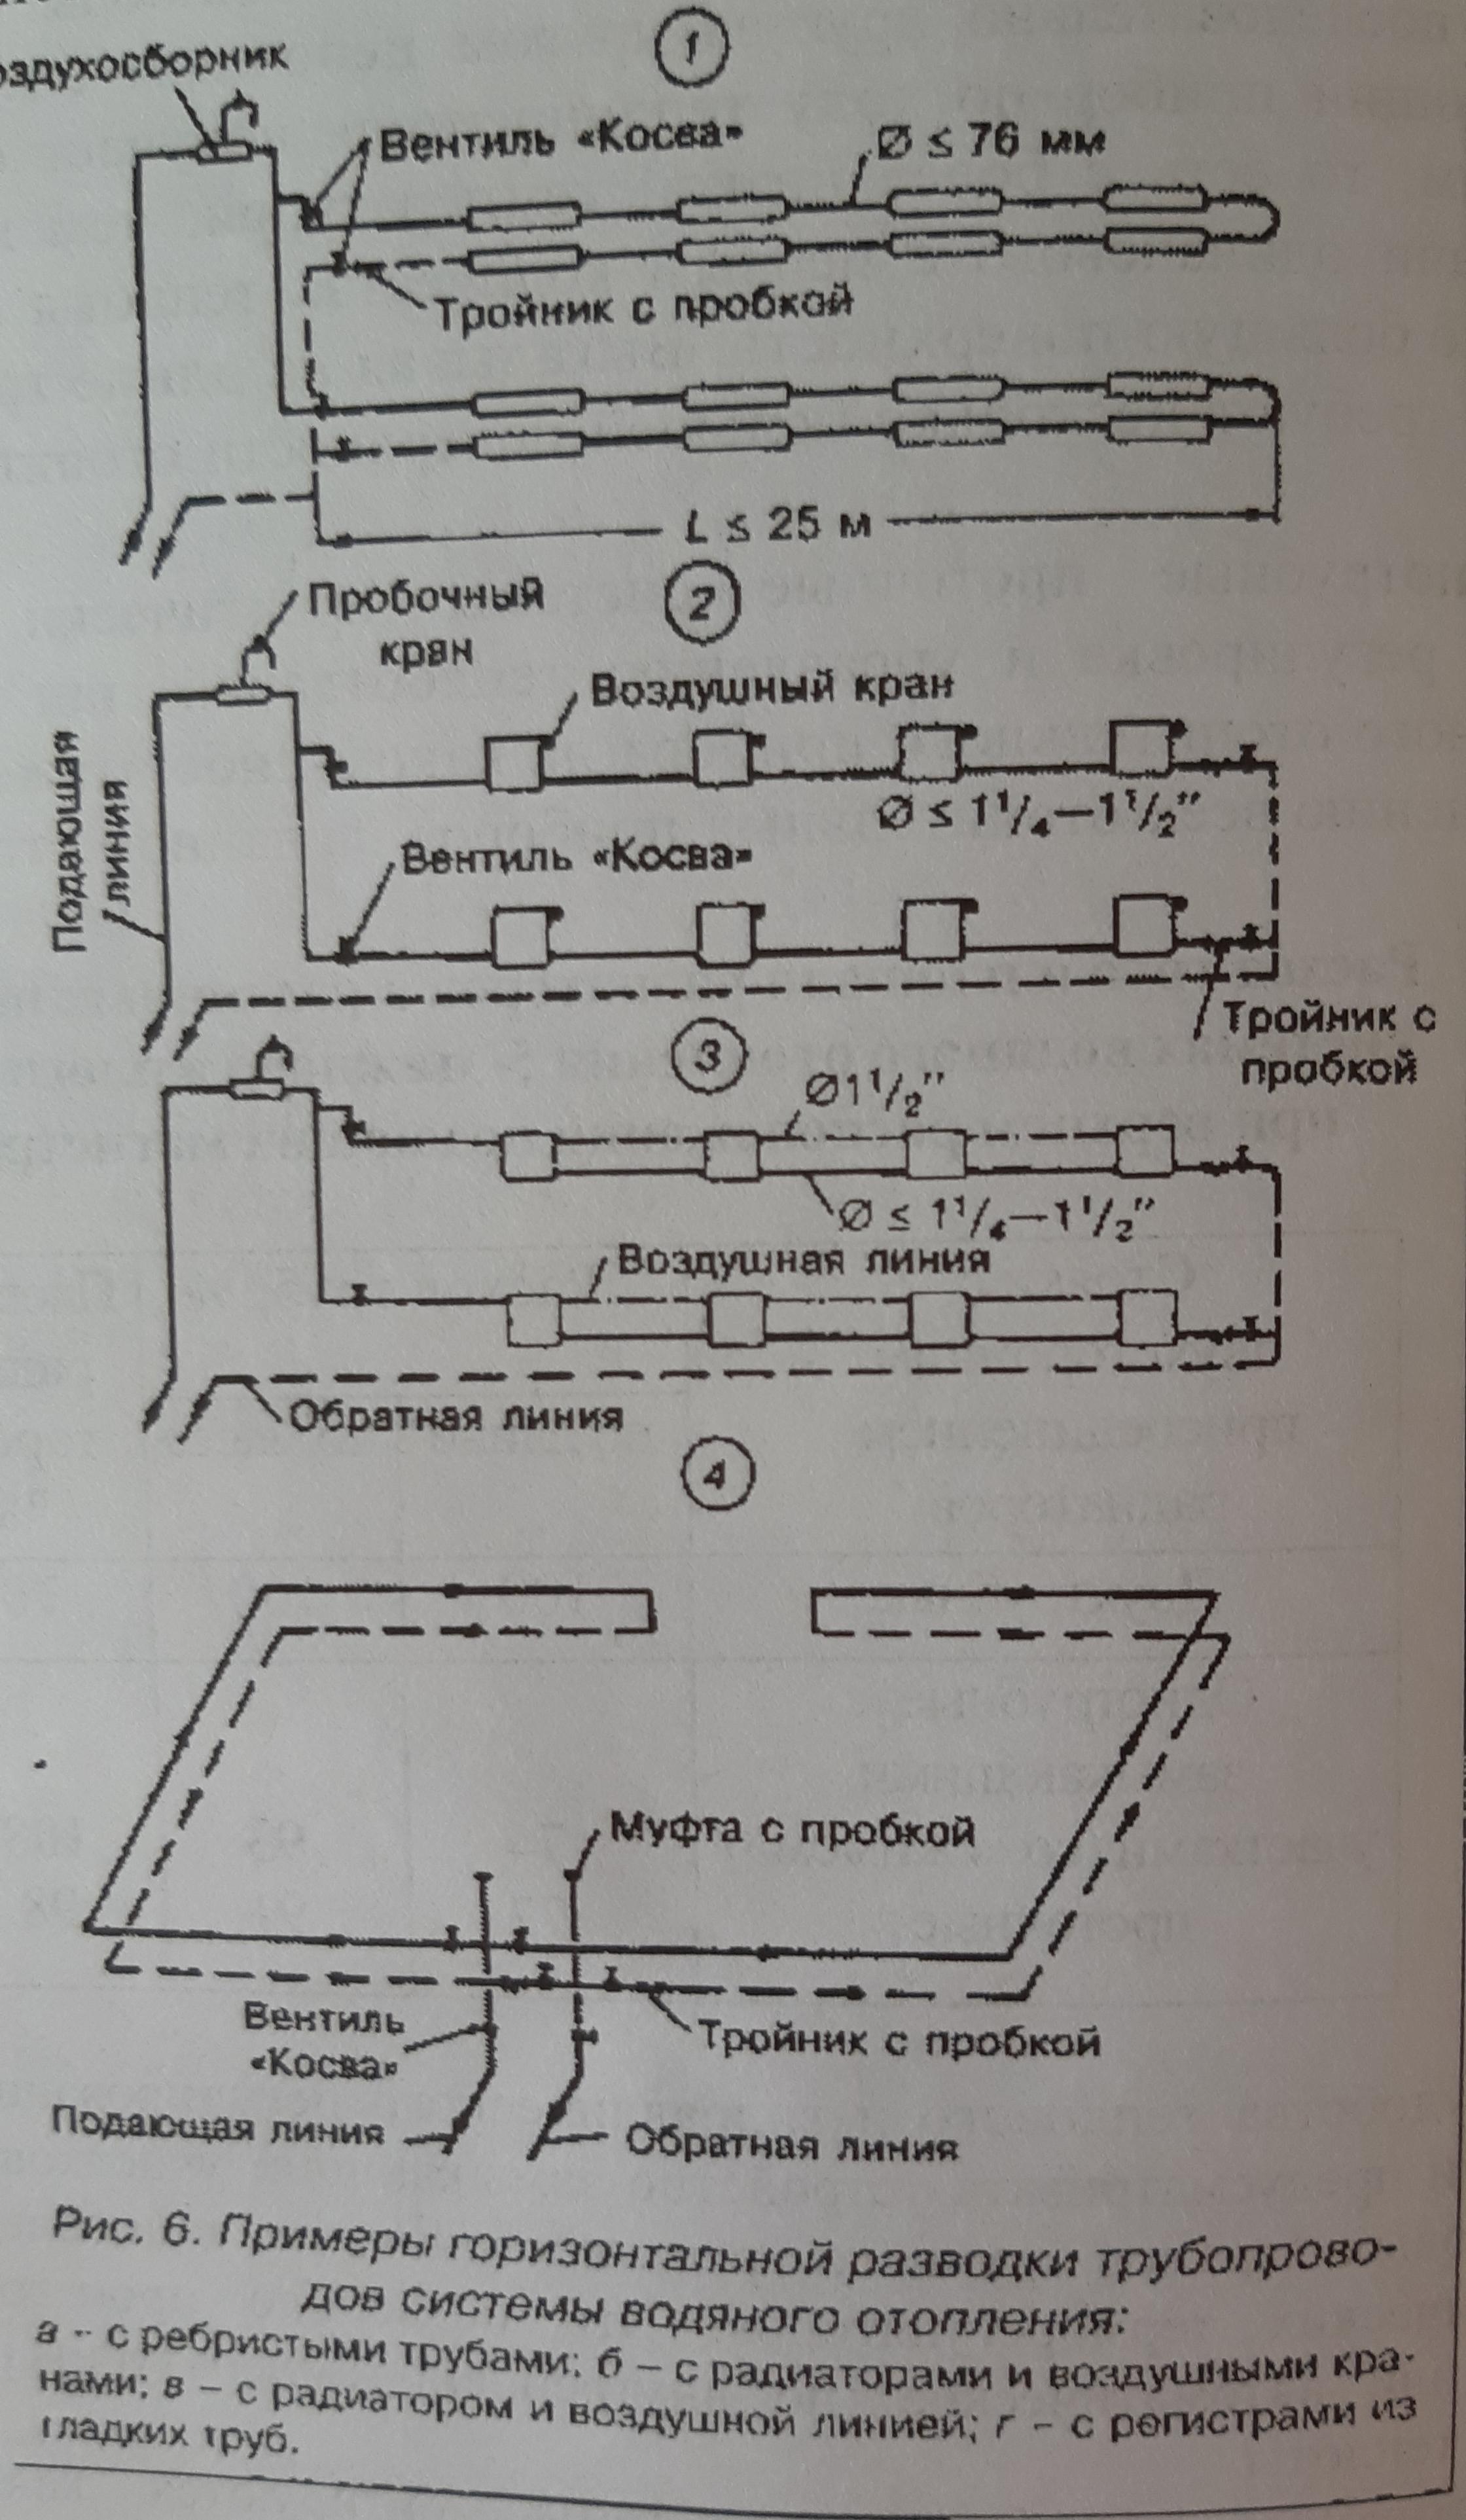 Примеры горизонтальной разводки трубопроводов системы водяного отопления